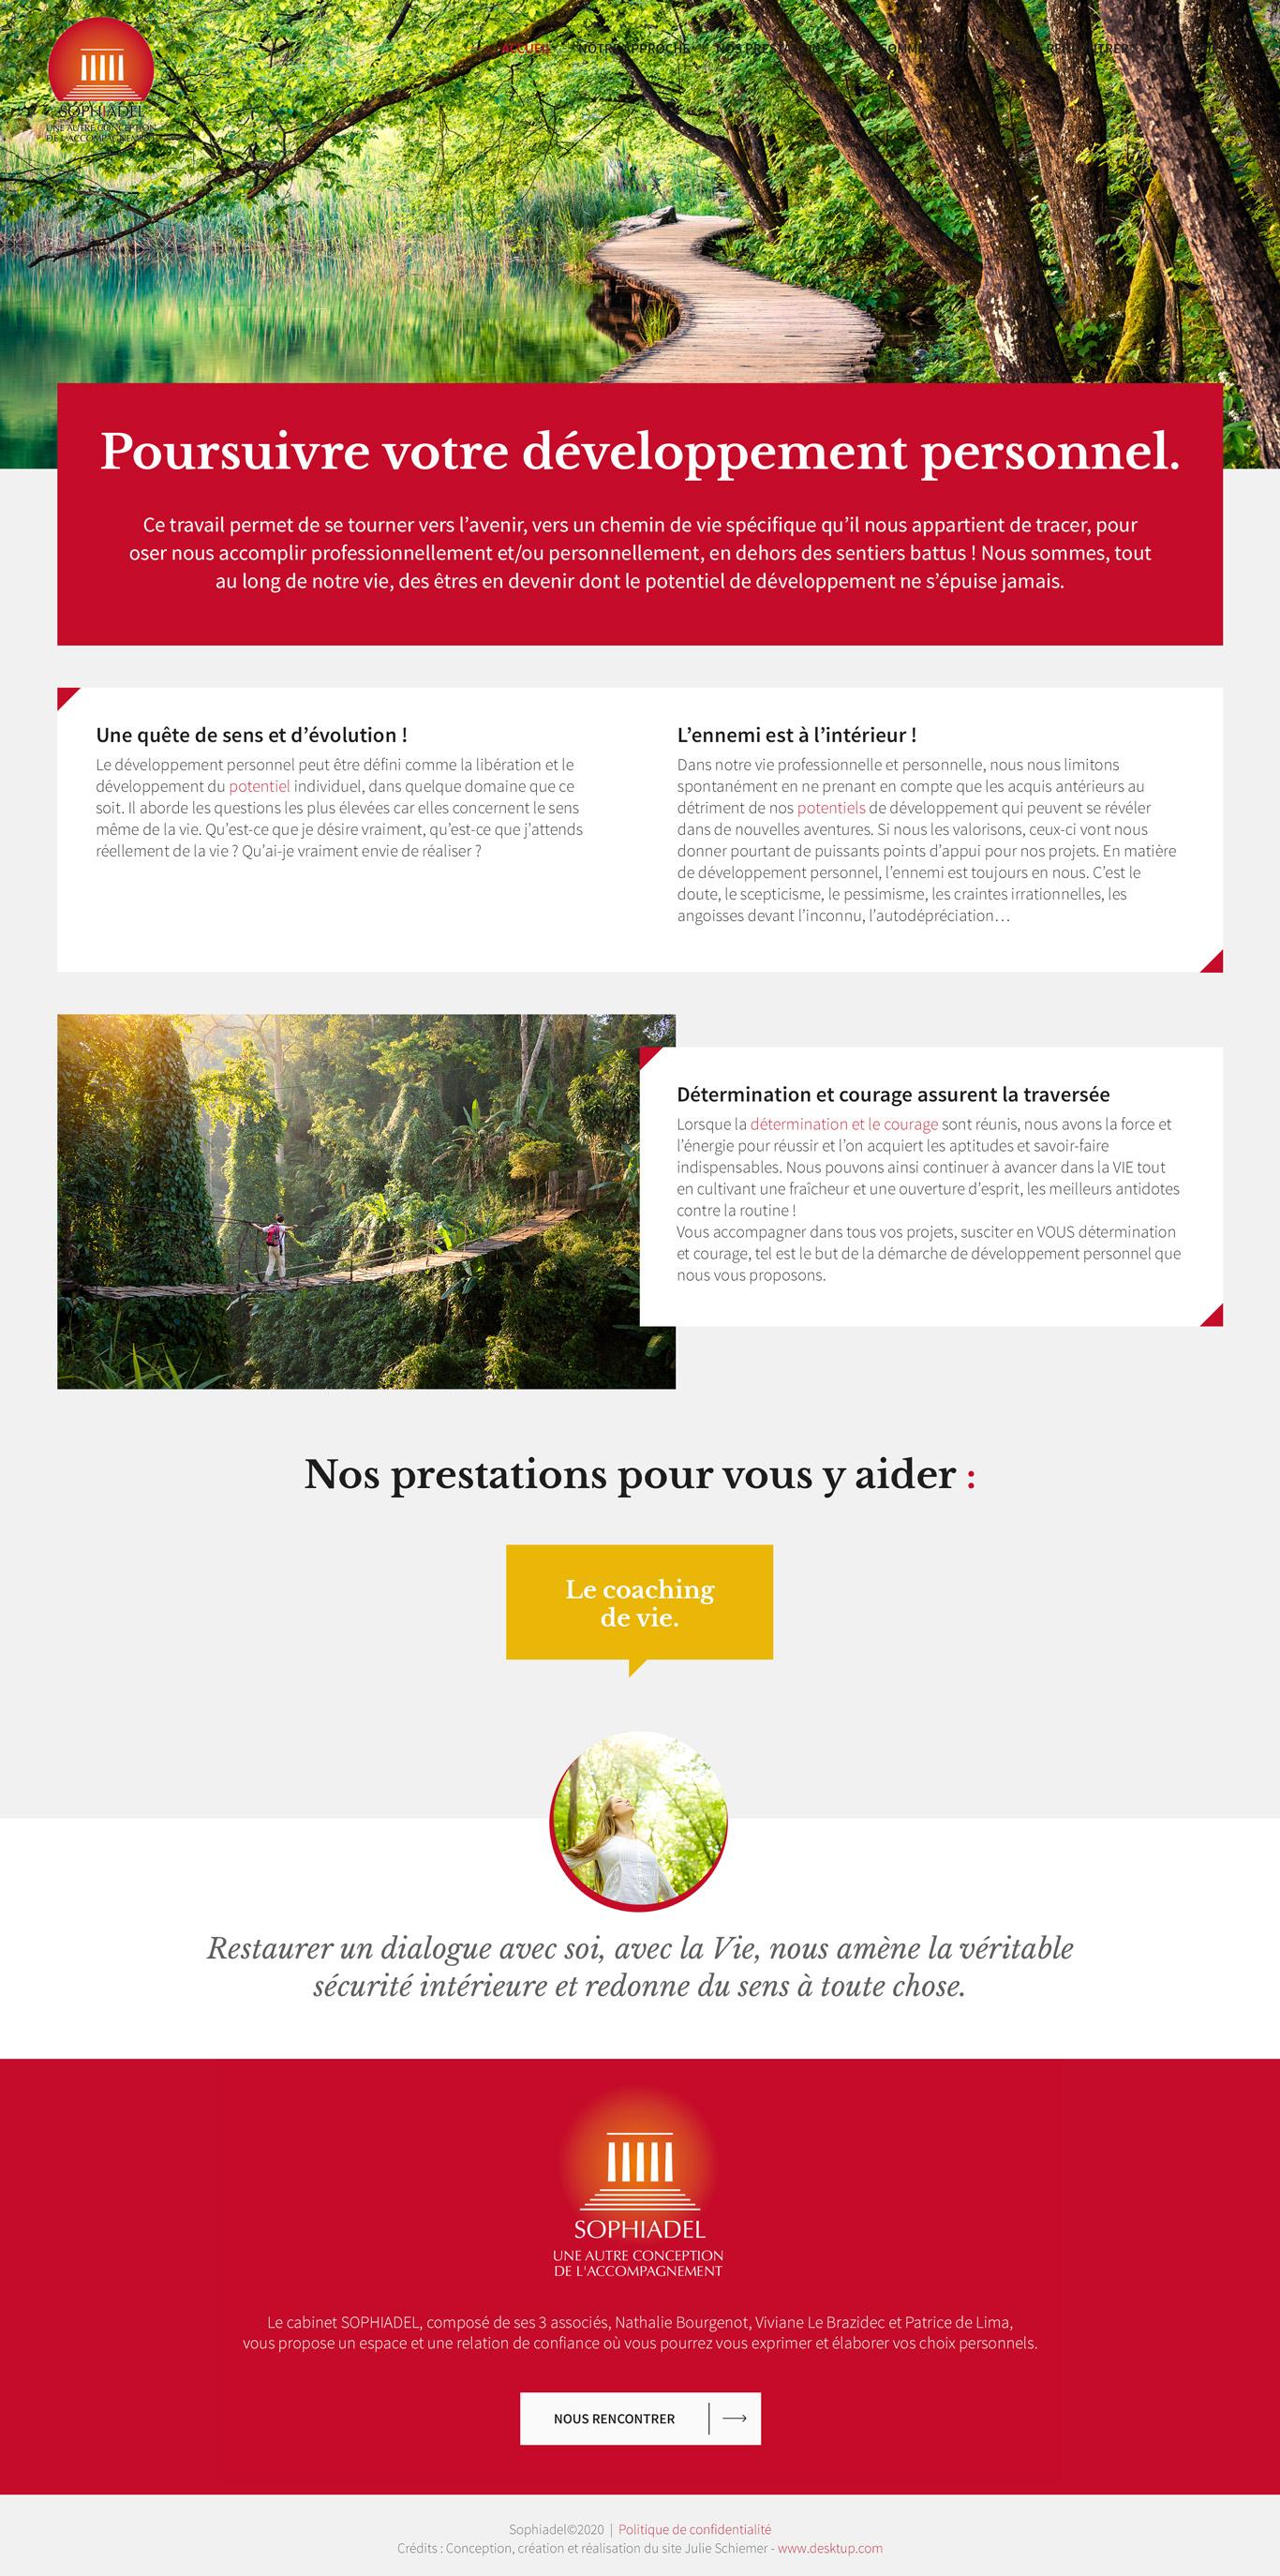 Sophiadel-Site-Img5